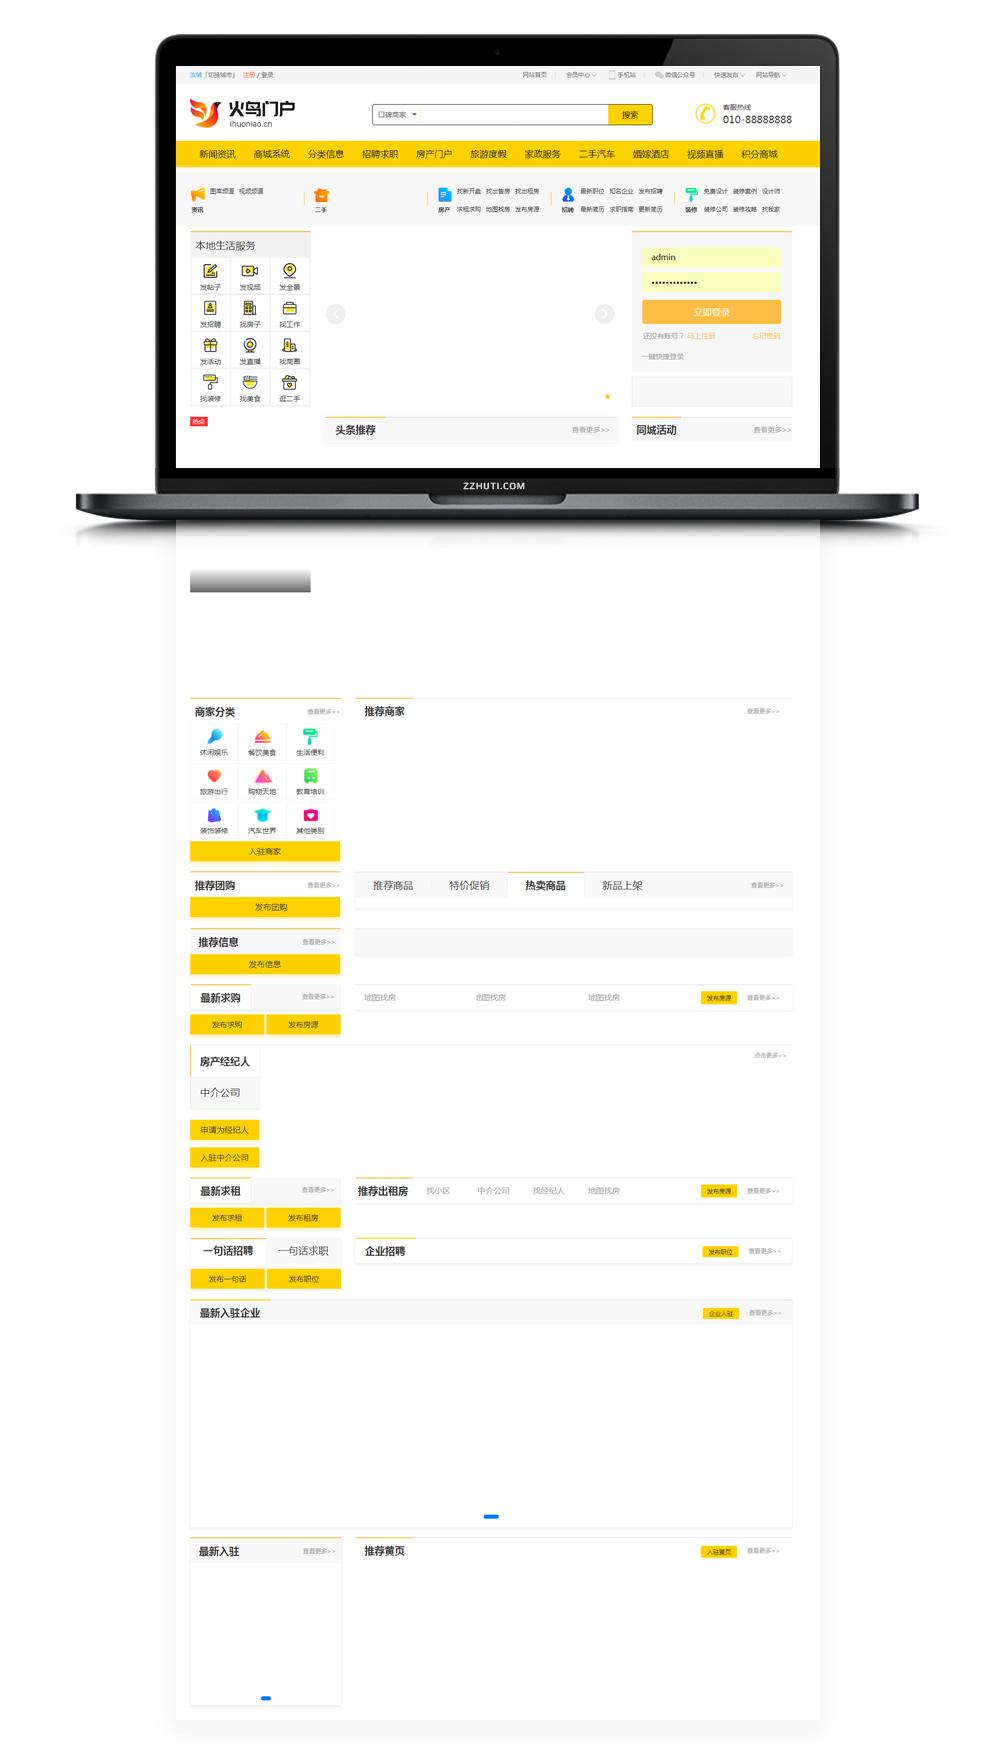 【火鸟门户系统V4.70】2020完整版火鸟系统全功能版五端同步详细的安卓苹果双端与小程序[带安装教程]-找主题源码